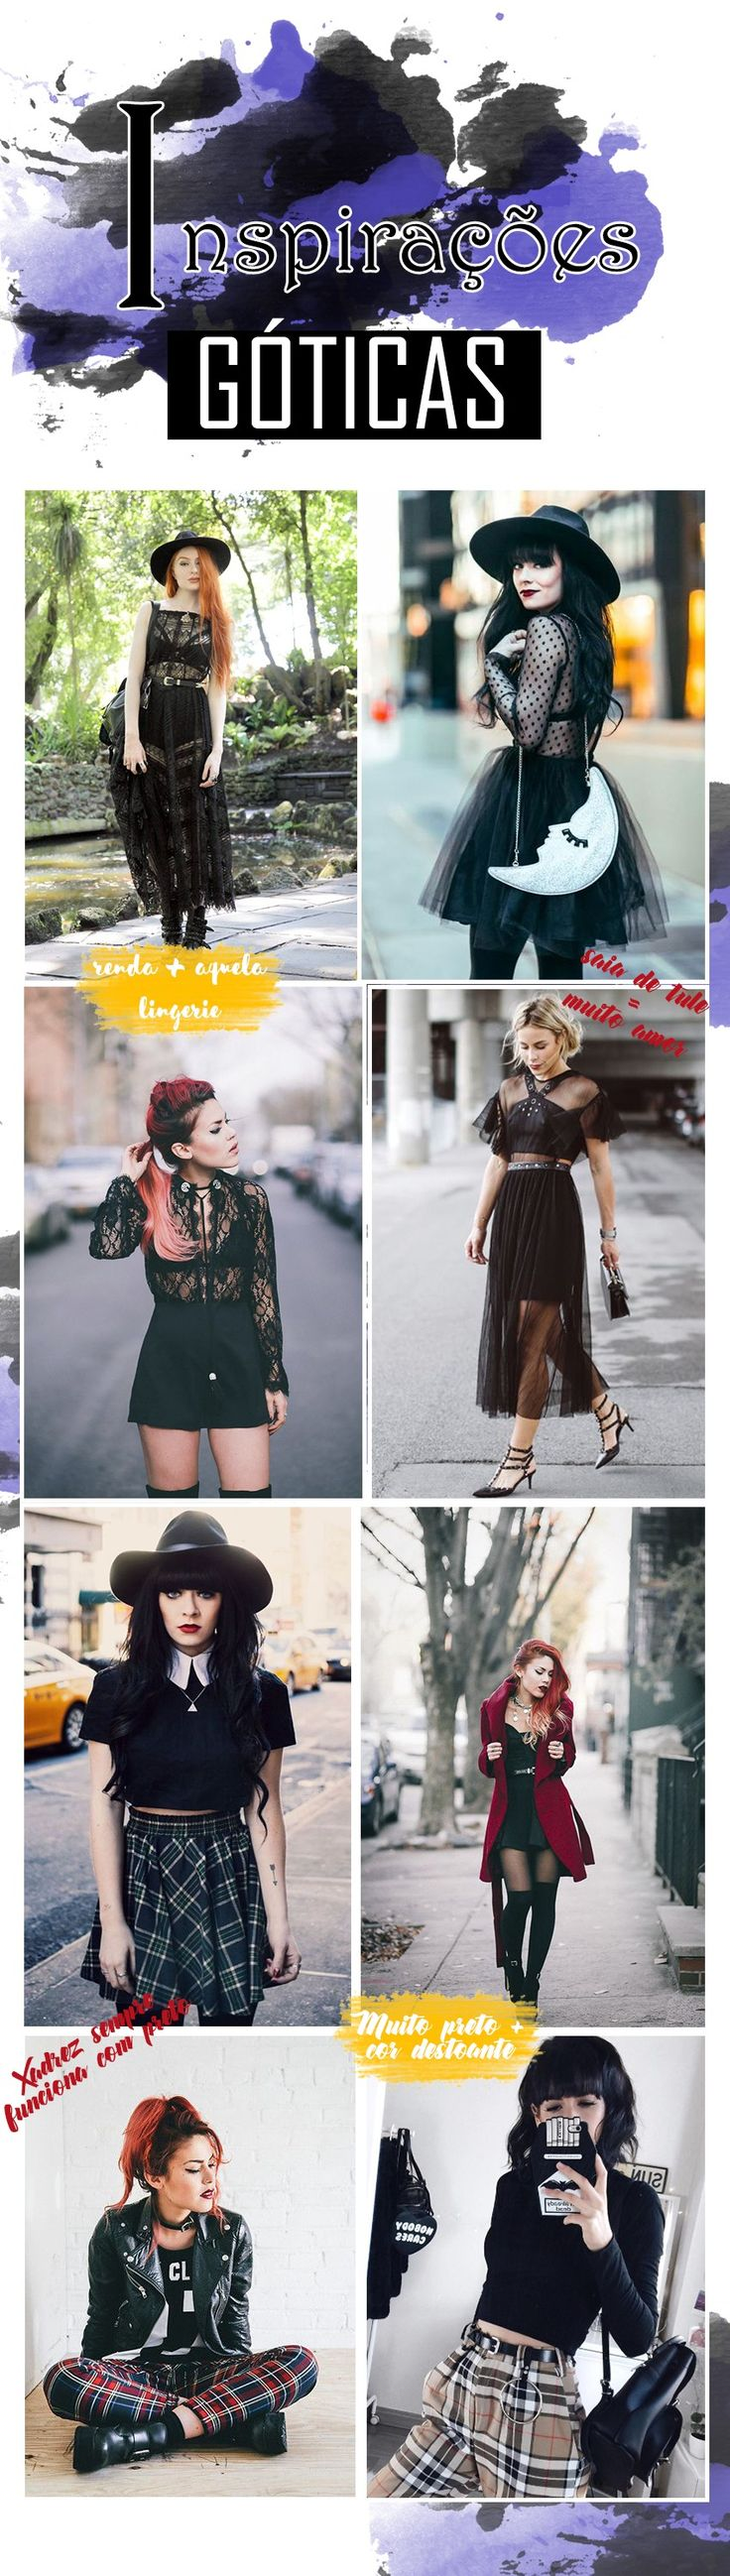 Algumas dicas de como usar a nova tendência de inverno: gótico glam. Sem pecar nos exageiros. #gotico #glam #moda #fashion #tendencia #trend #preto #renda